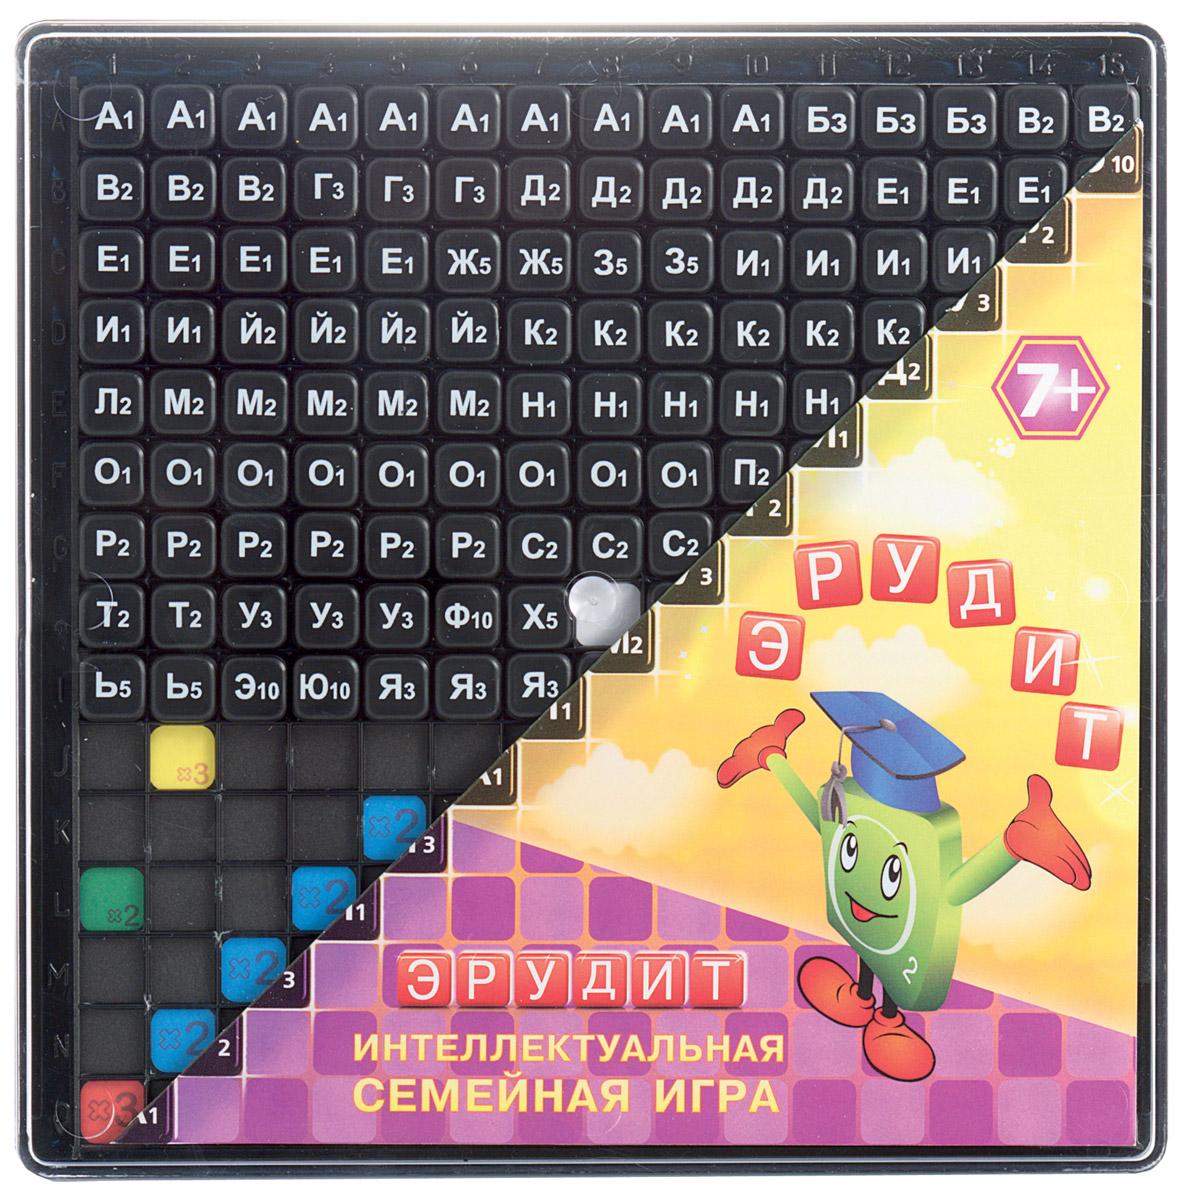 Биплант Настольная игра Эрудит цвет фишек черный настольная игра биплант развивающая эрудит подарочный набор 10008